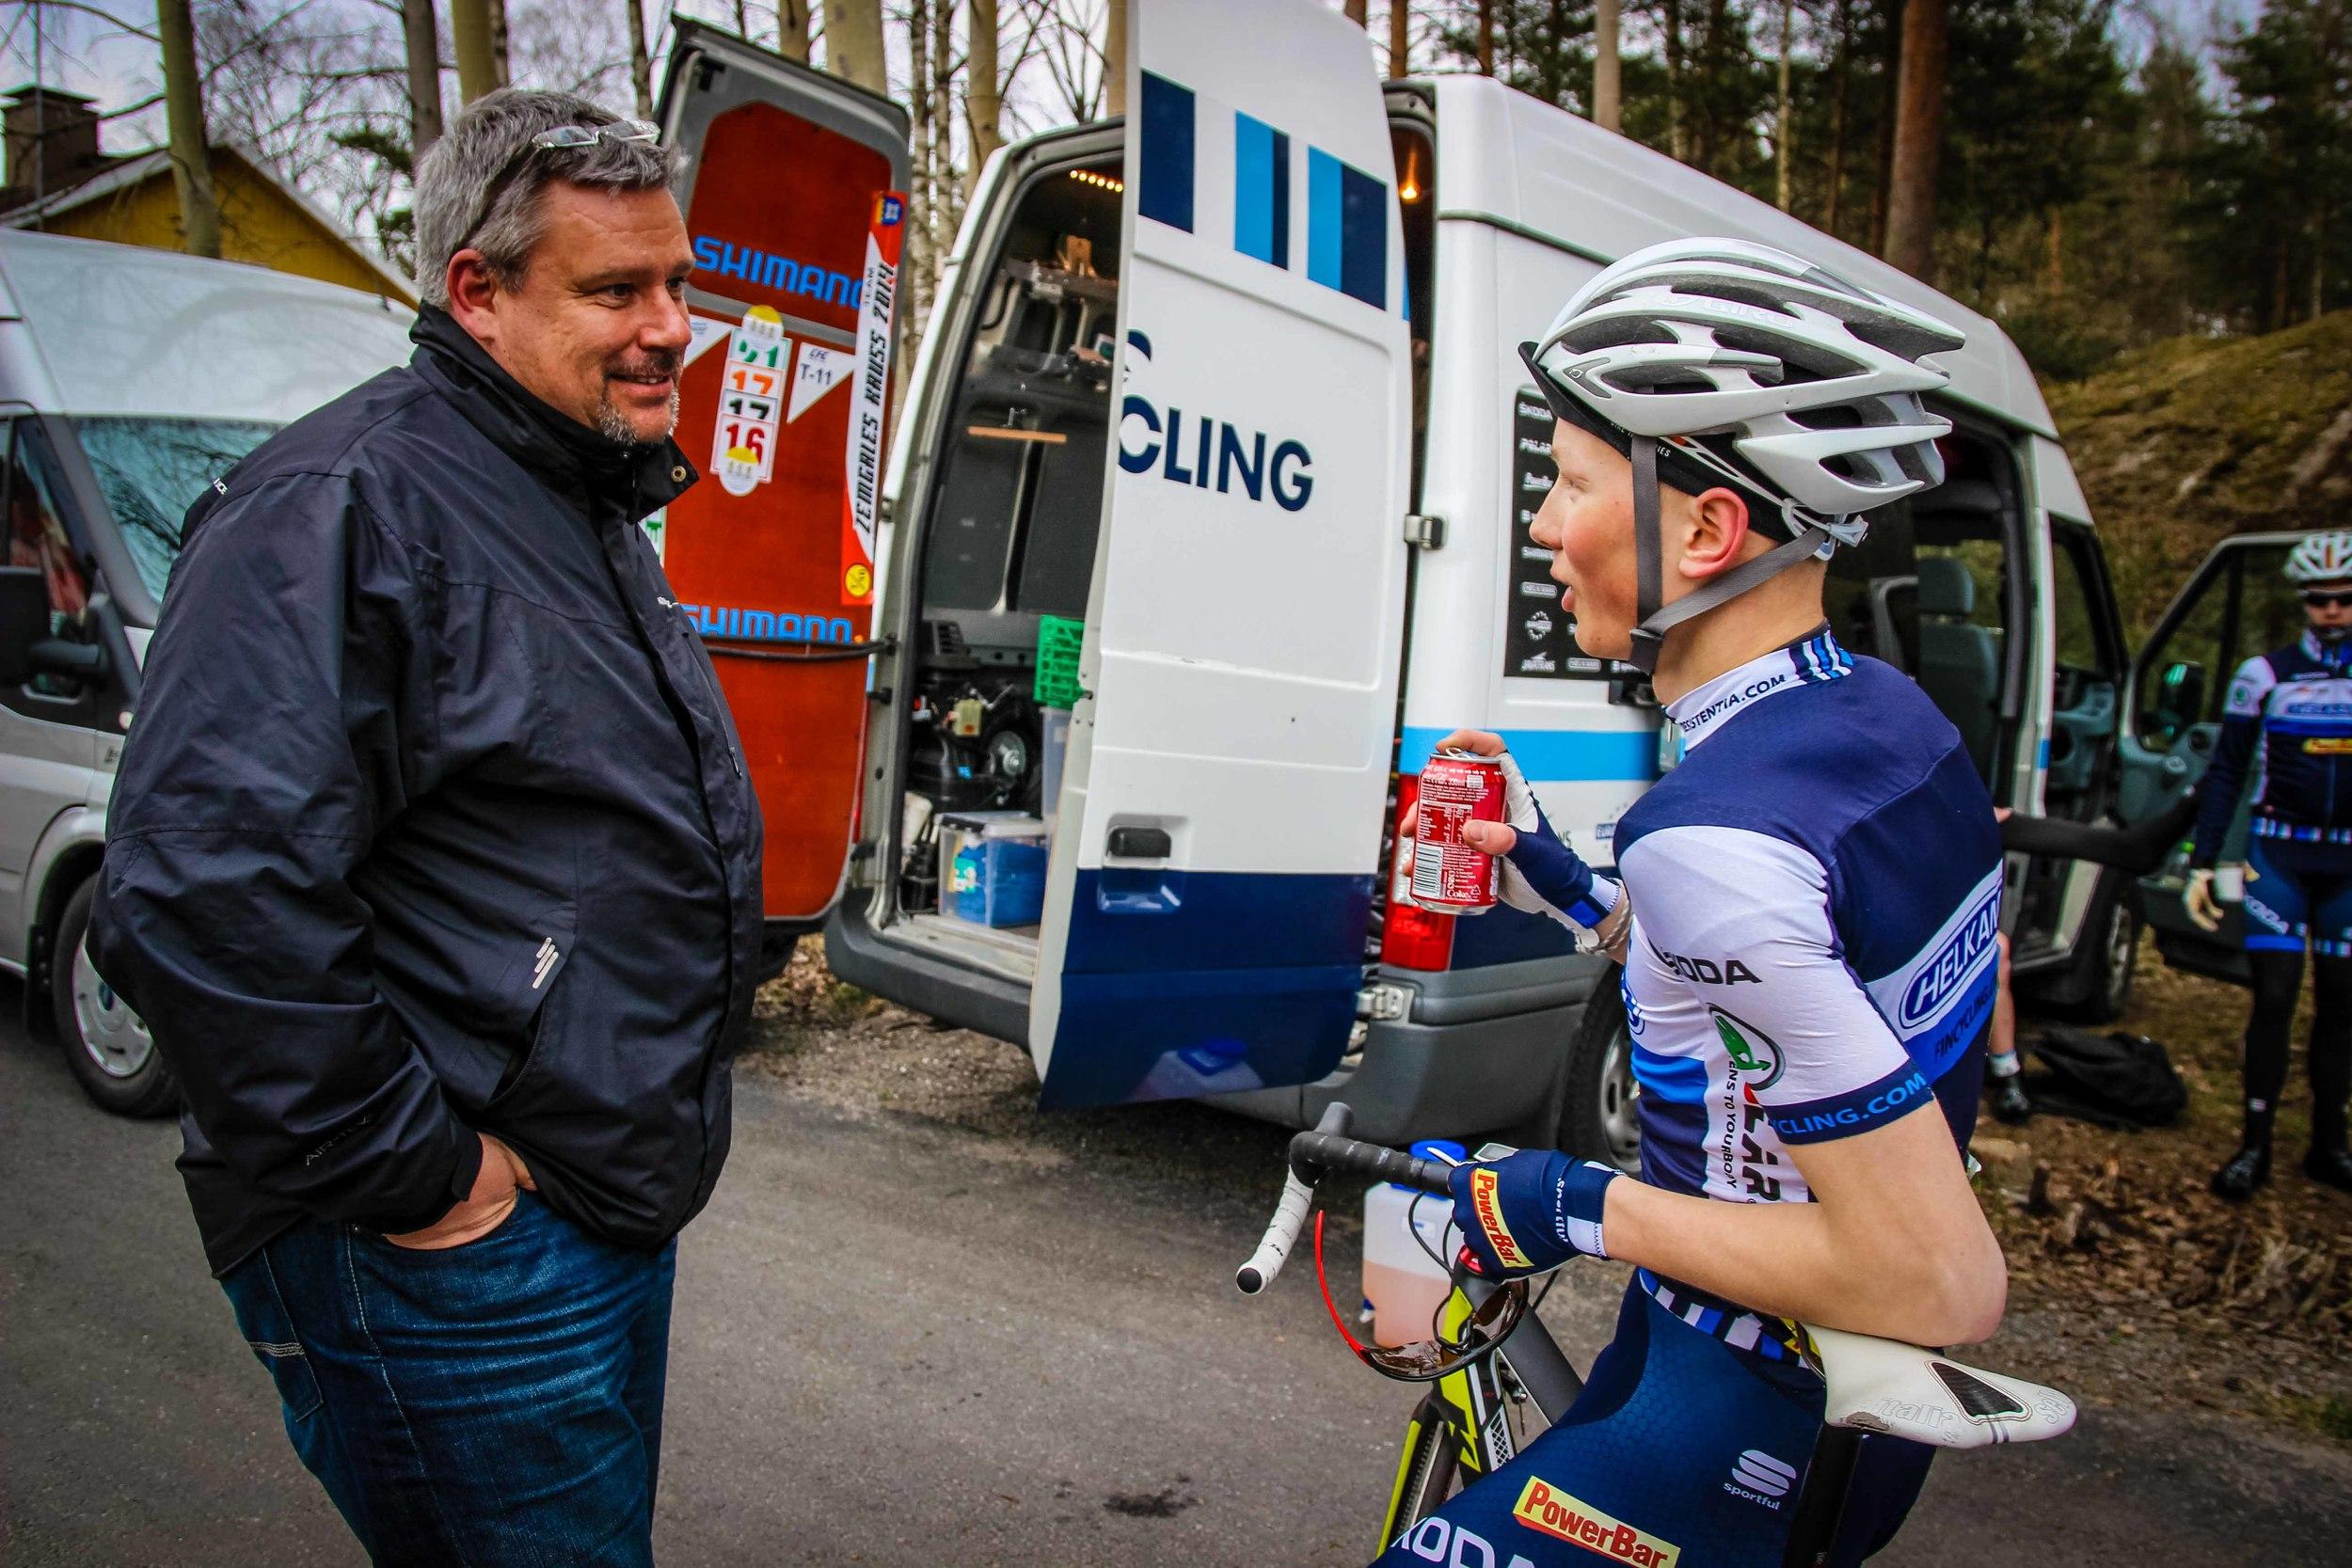 Mika Vauhkonen and Jaakko Hänninen discussing the race